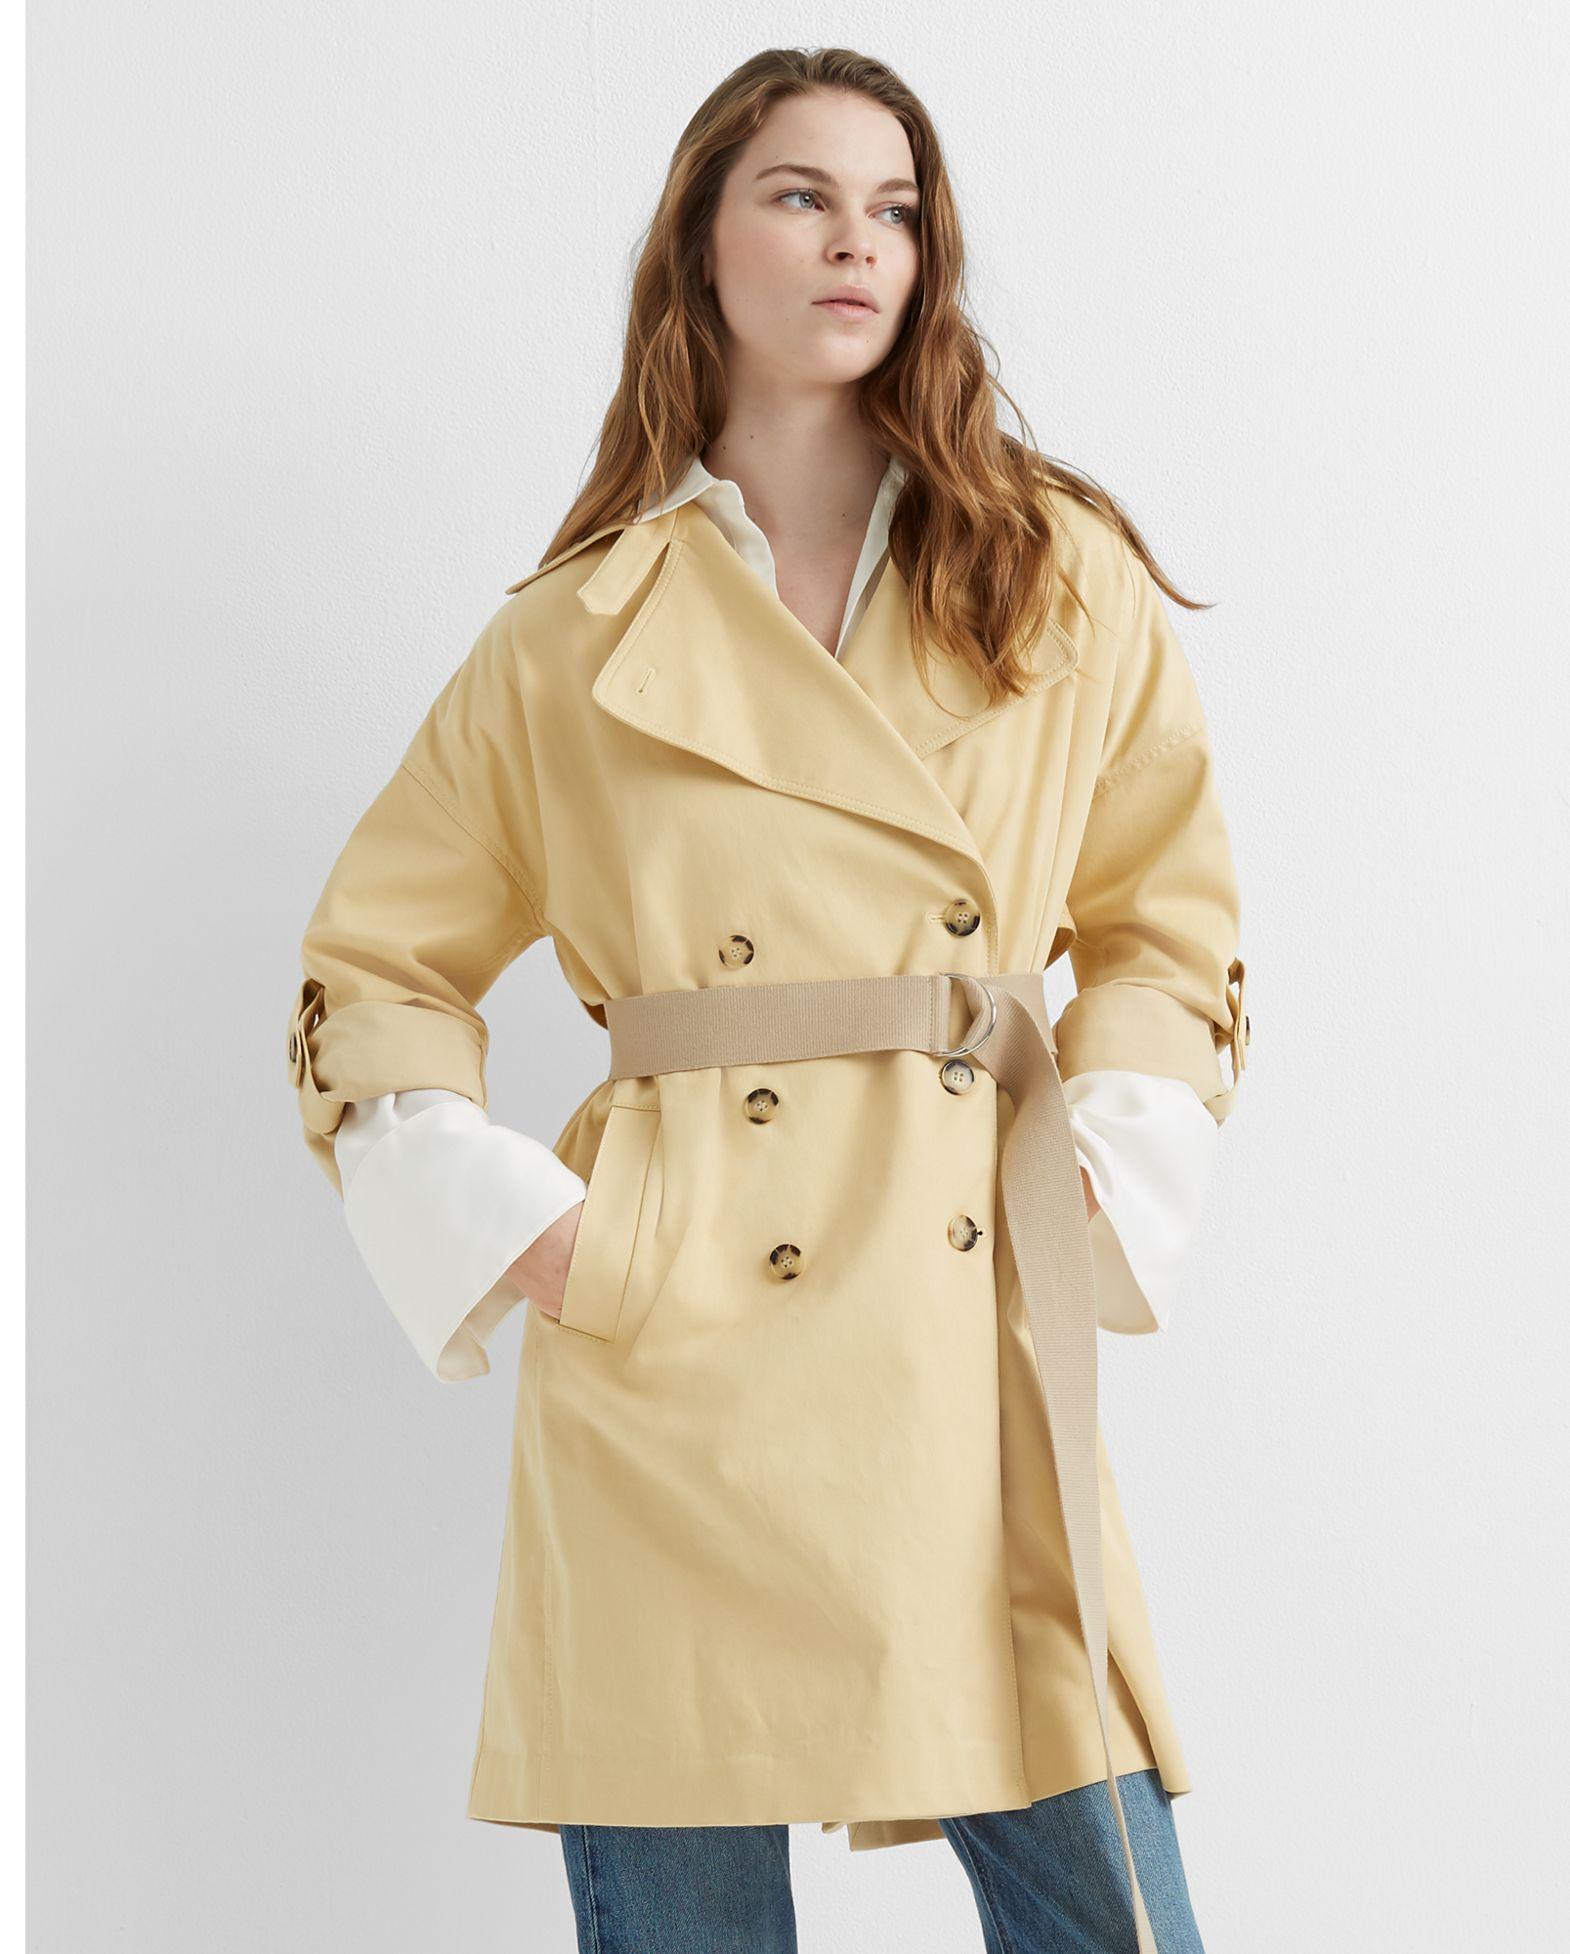 轻奢品牌CLUB MONACO 低至2.5折!收大衣羊绒衫!